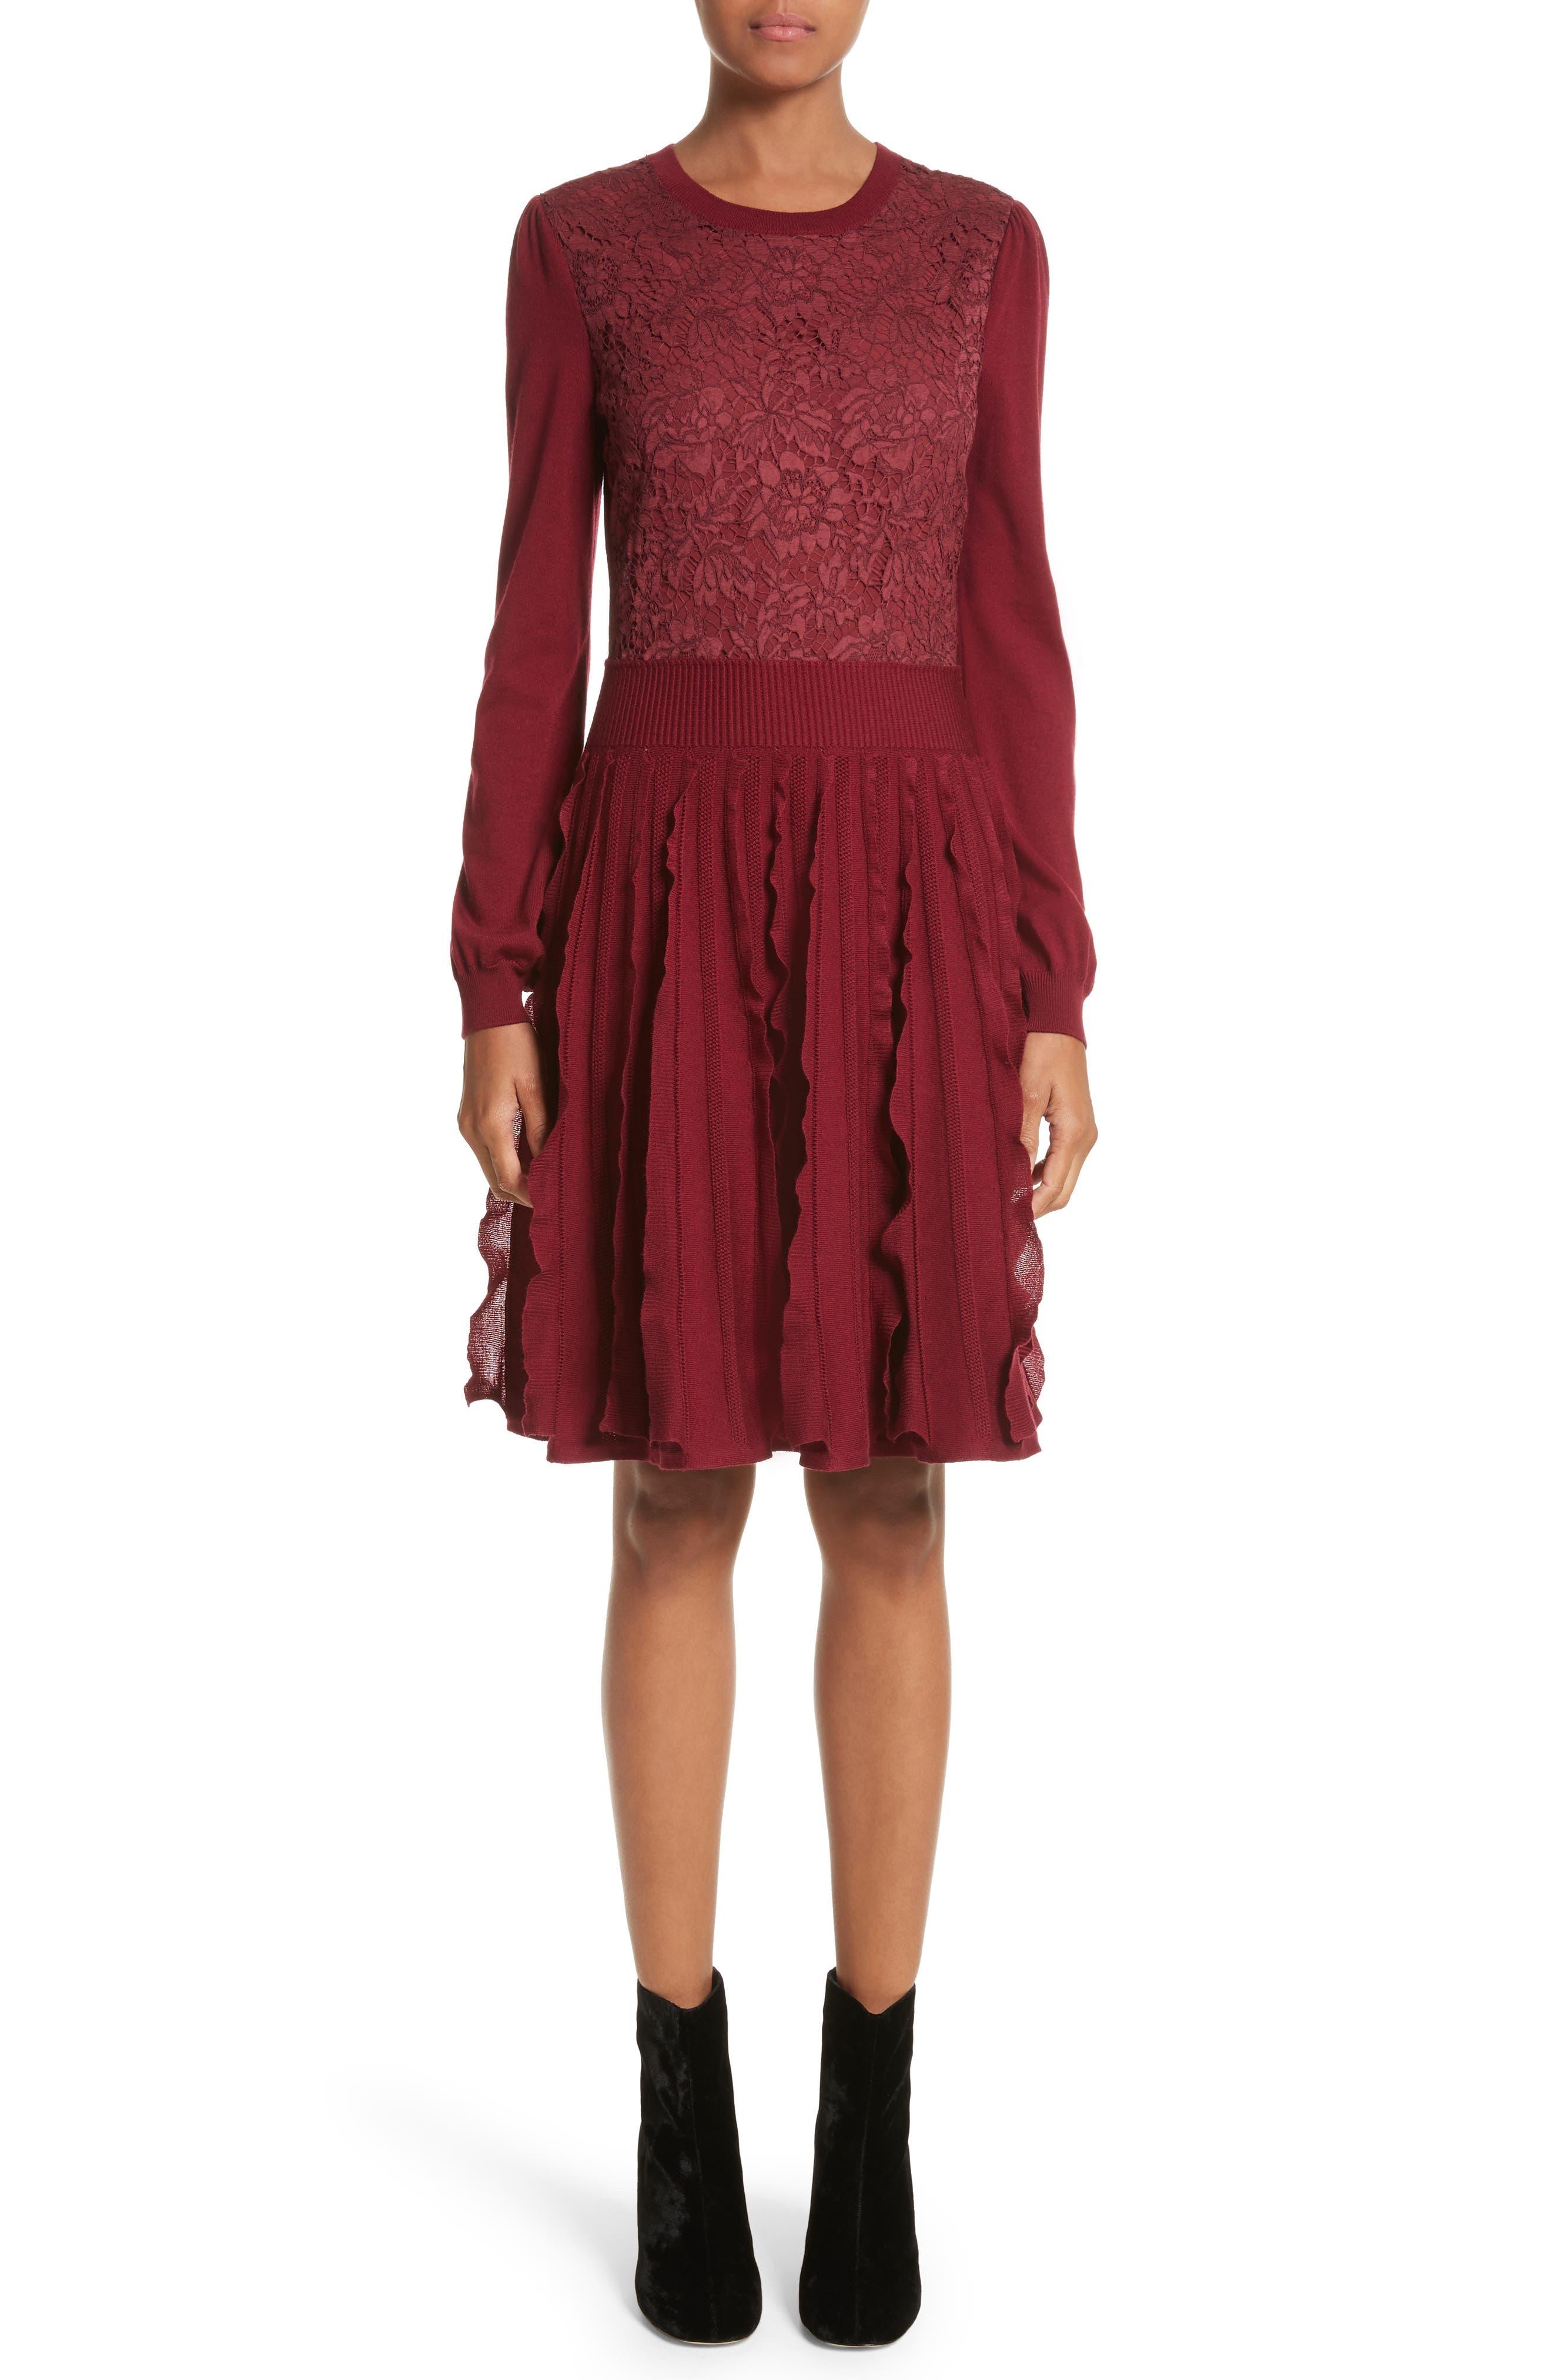 Main Image - Valentino Guipure Lace & Wool Knit Dress